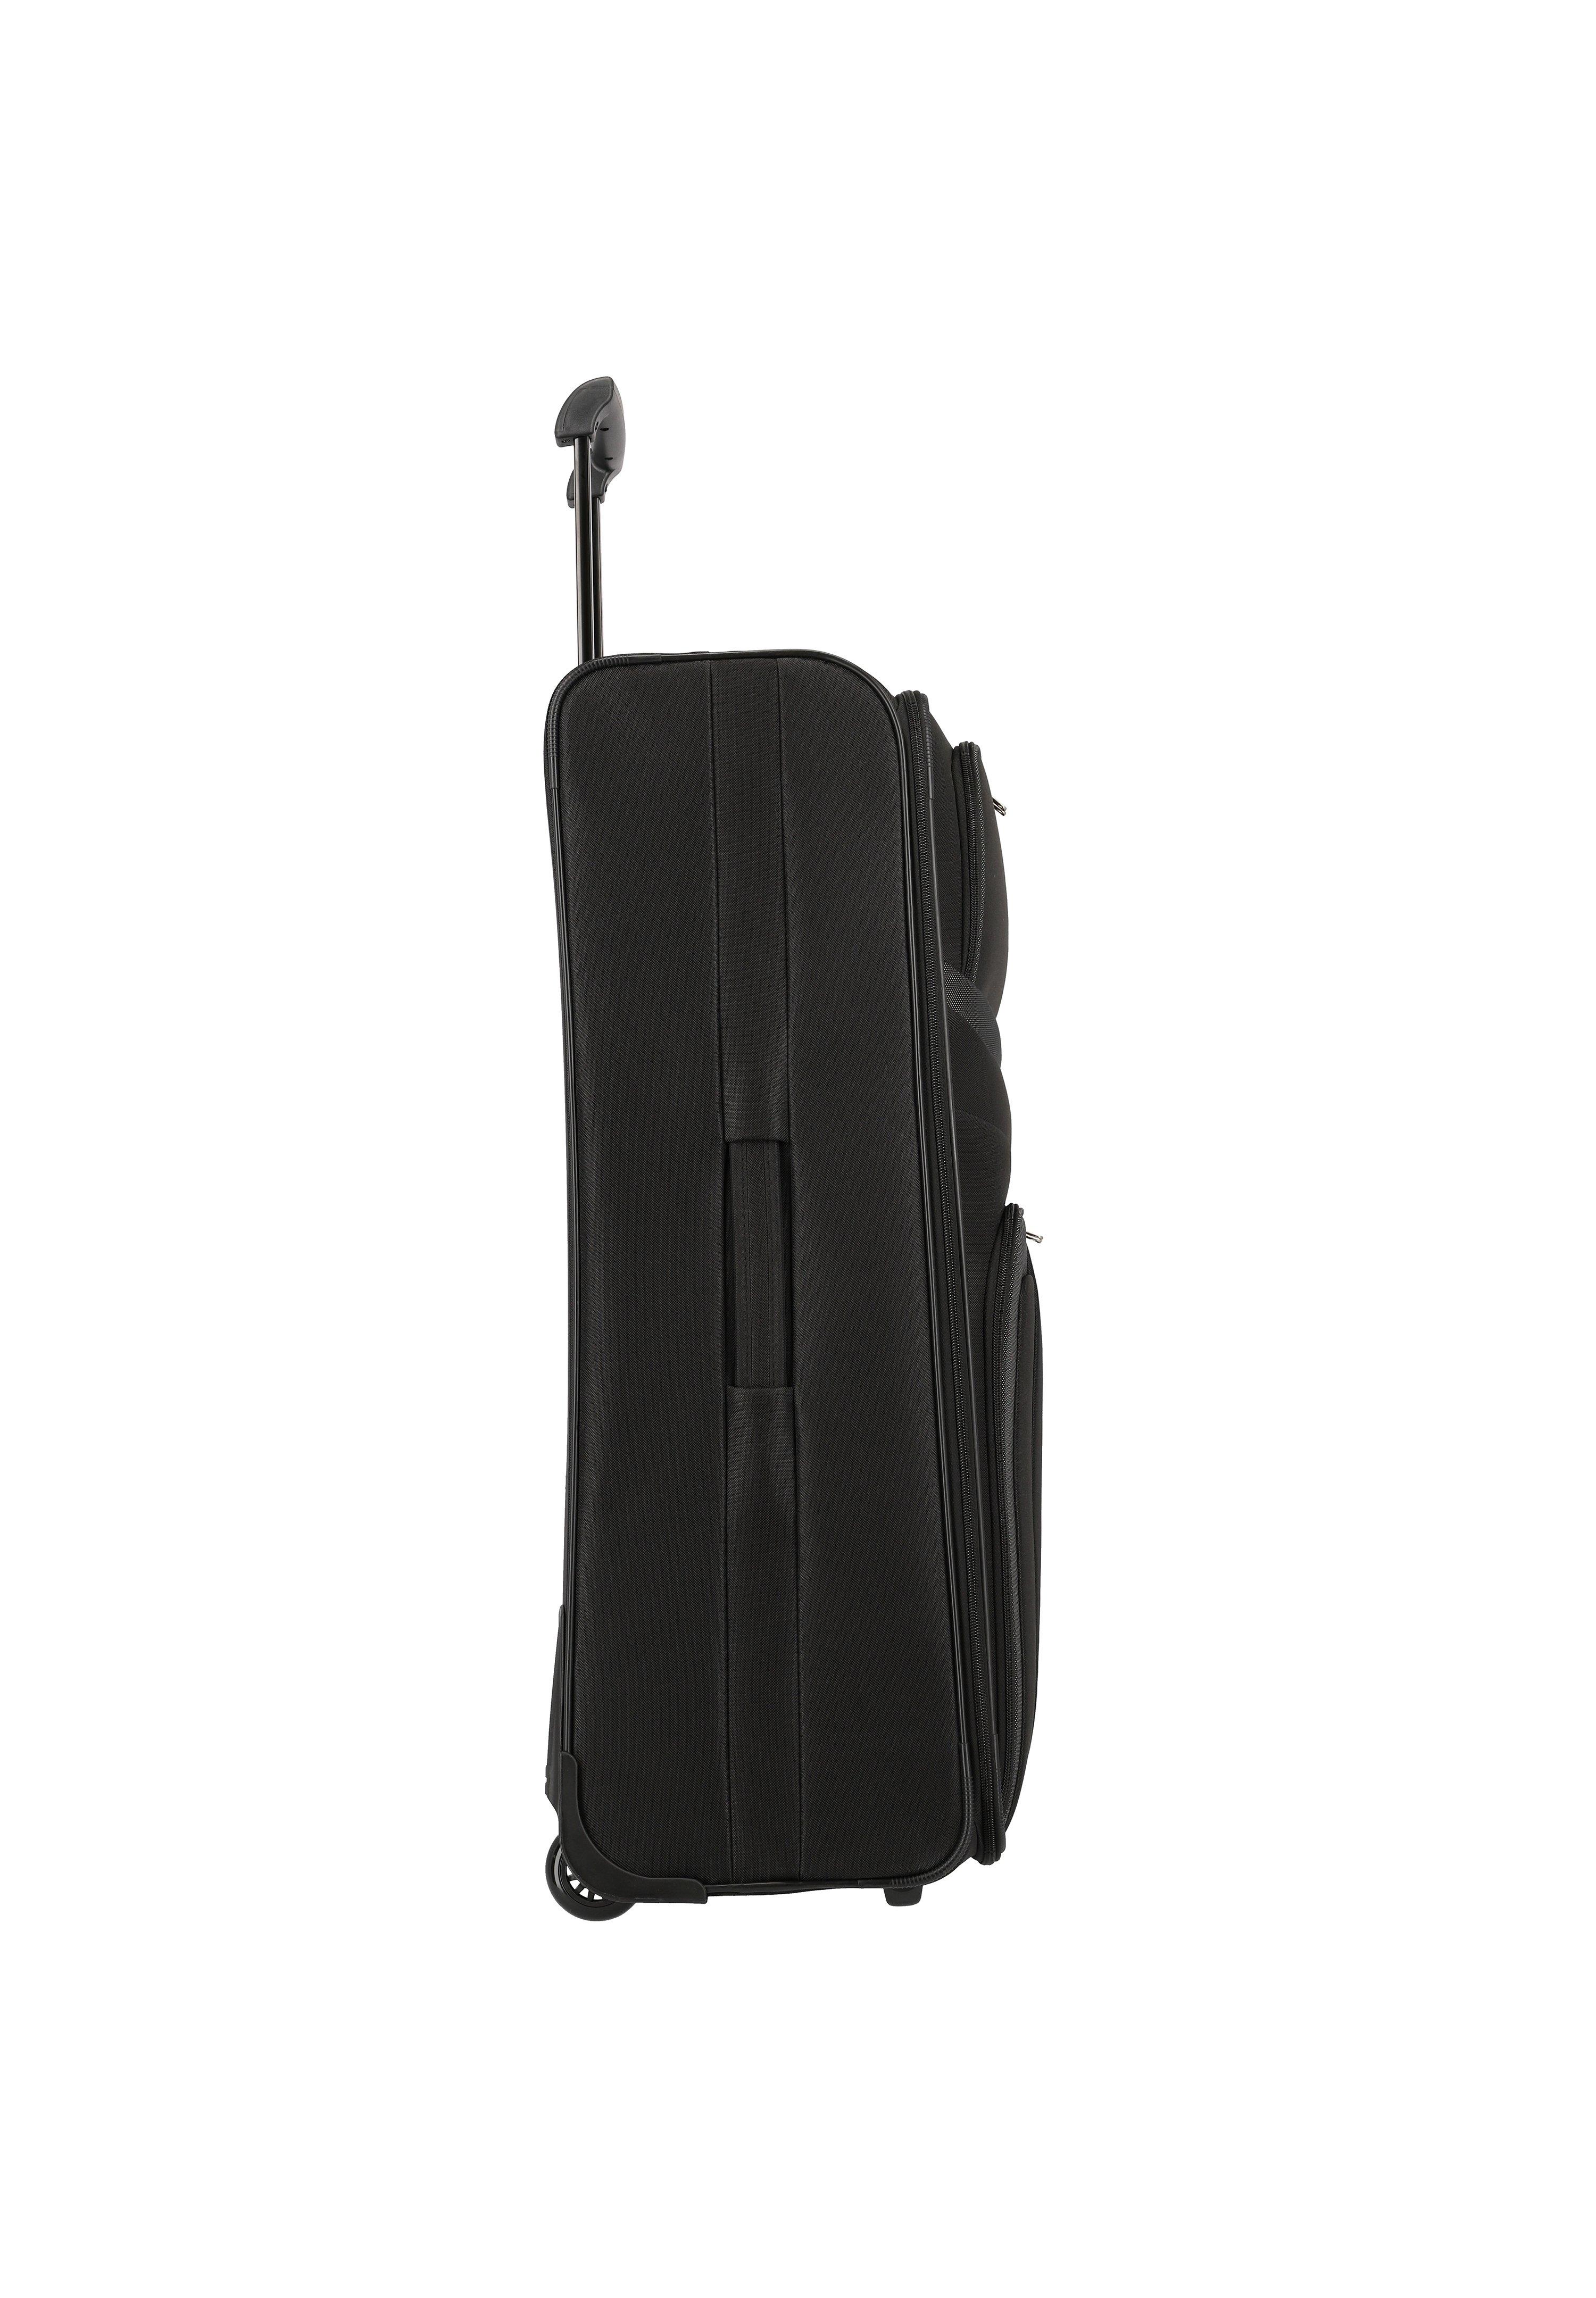 Travelite ORLANDO 2-ROLLEN KOFFERSET 5TLG. - Kofferset - schwarz - Herrentaschen X899s